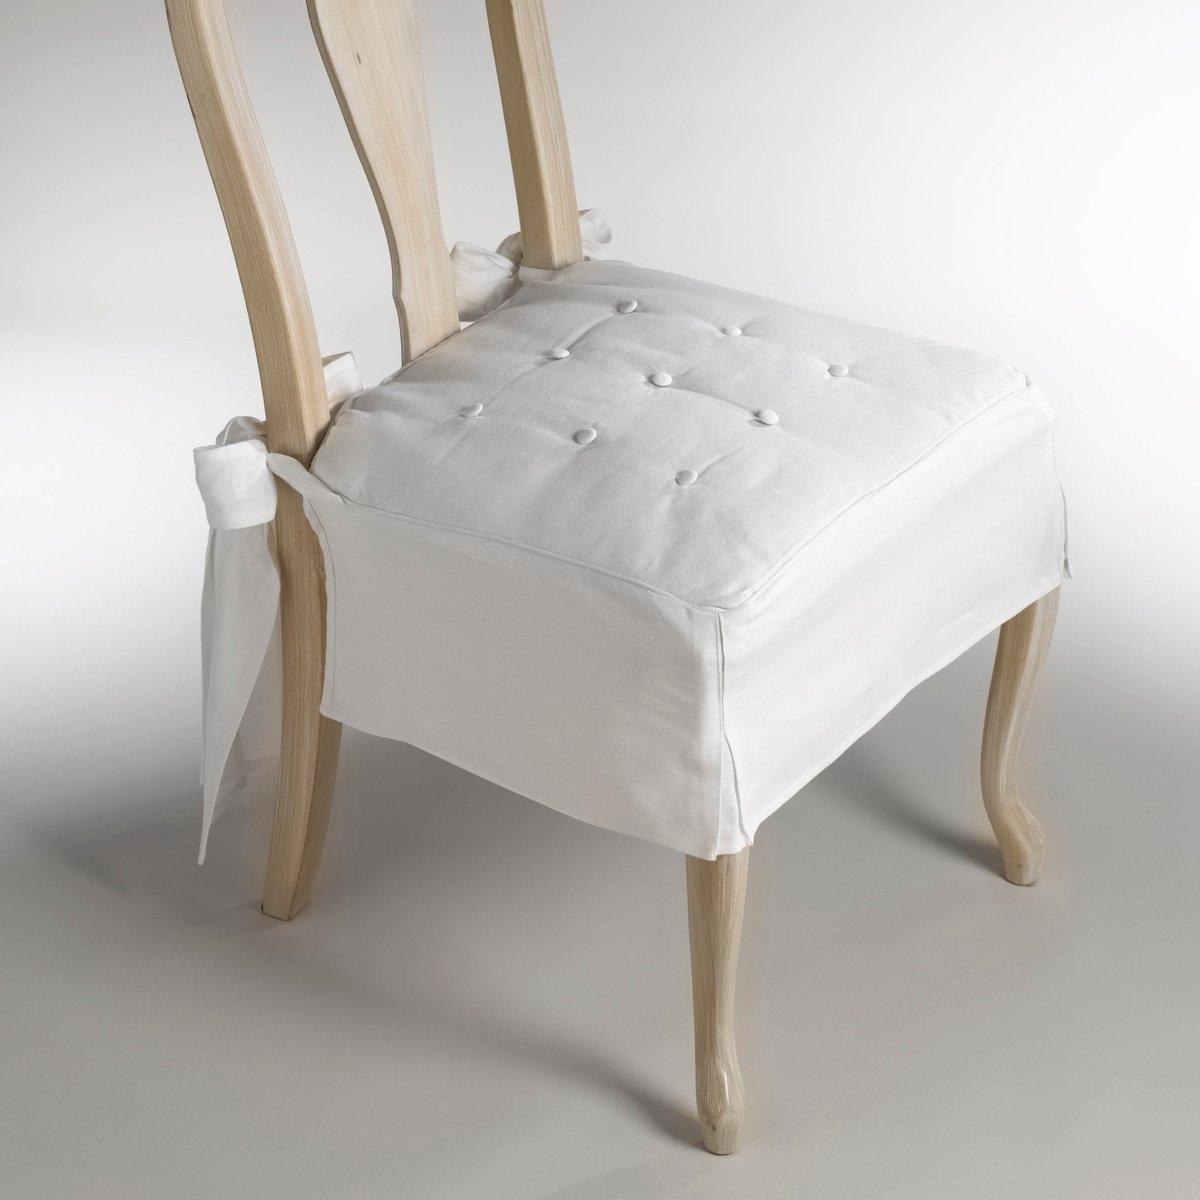 Подушка на стул из льна и хлопка, JimiПодушка на стул. Искрящаяся красота смесовой ткани: Натуральное сочетание льна и хлопка (55% льна, 45% хлопка). Это больше, чем просто подушка, ее отделка  воланами преобразит ваш стул в одно мгновение! Характеристики подушки для стула:- Набивной чехол (с пуговицами, обтянутыми тканью) для невероятного комфорта. - Широкие двойные фиксаторы со скошенными гранями на завязках сзади. - Невероятно элегантная отделка подола складками (В. 18 см). - Наполнитель из полиэстера.- Отличная стойкость цветов на свету.- Легкий уход : Стирка при 40°, лёгкая утюжка.Размеры подушки:- Сидение: 43 x 43 см.- Высота подола: 18 см.<br><br>Цвет: антрацит,белый,серо-бежевый,серо-коричневый каштан,серый,экрю<br>Размер: единый размер.единый размер